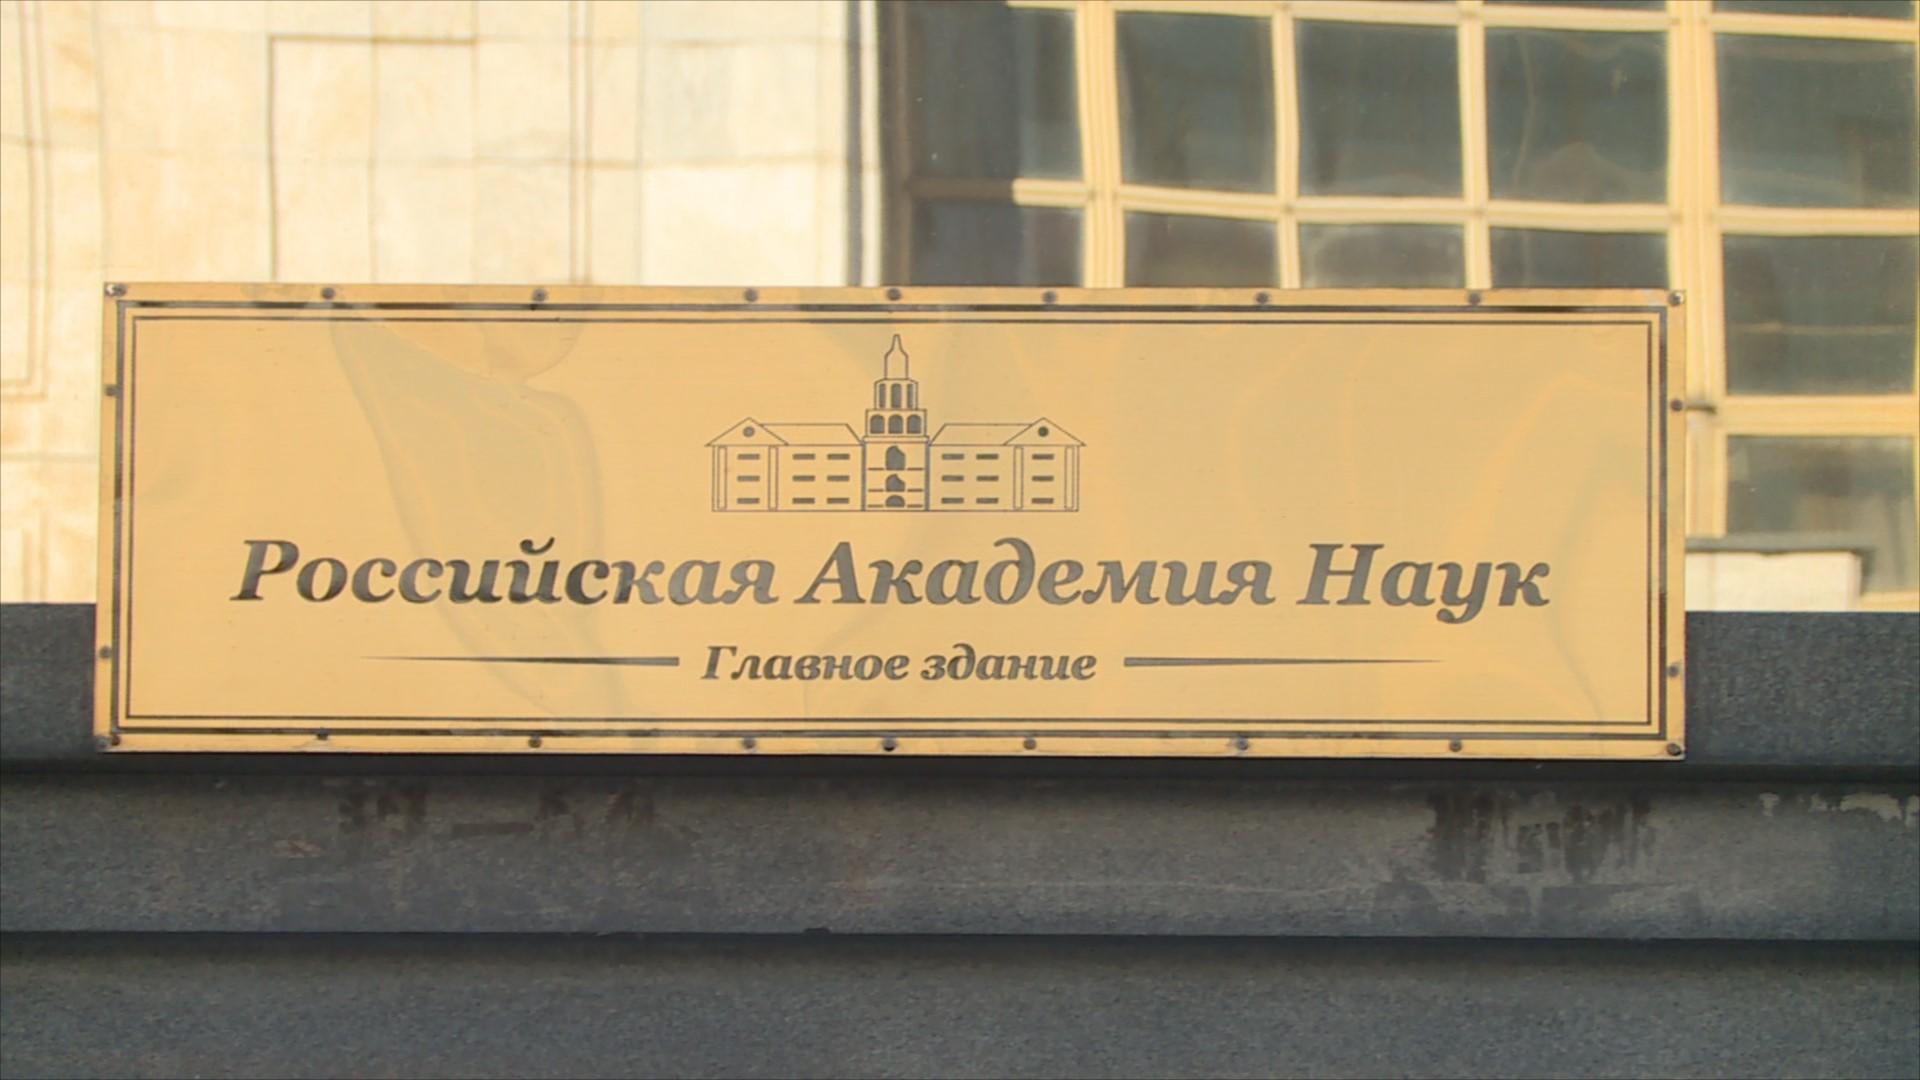 Rusiya Elmlər Akademiyasının mütəxəssislərinin iştirakı ilə koronavirusa qarşı üç vaksin hazırlanır